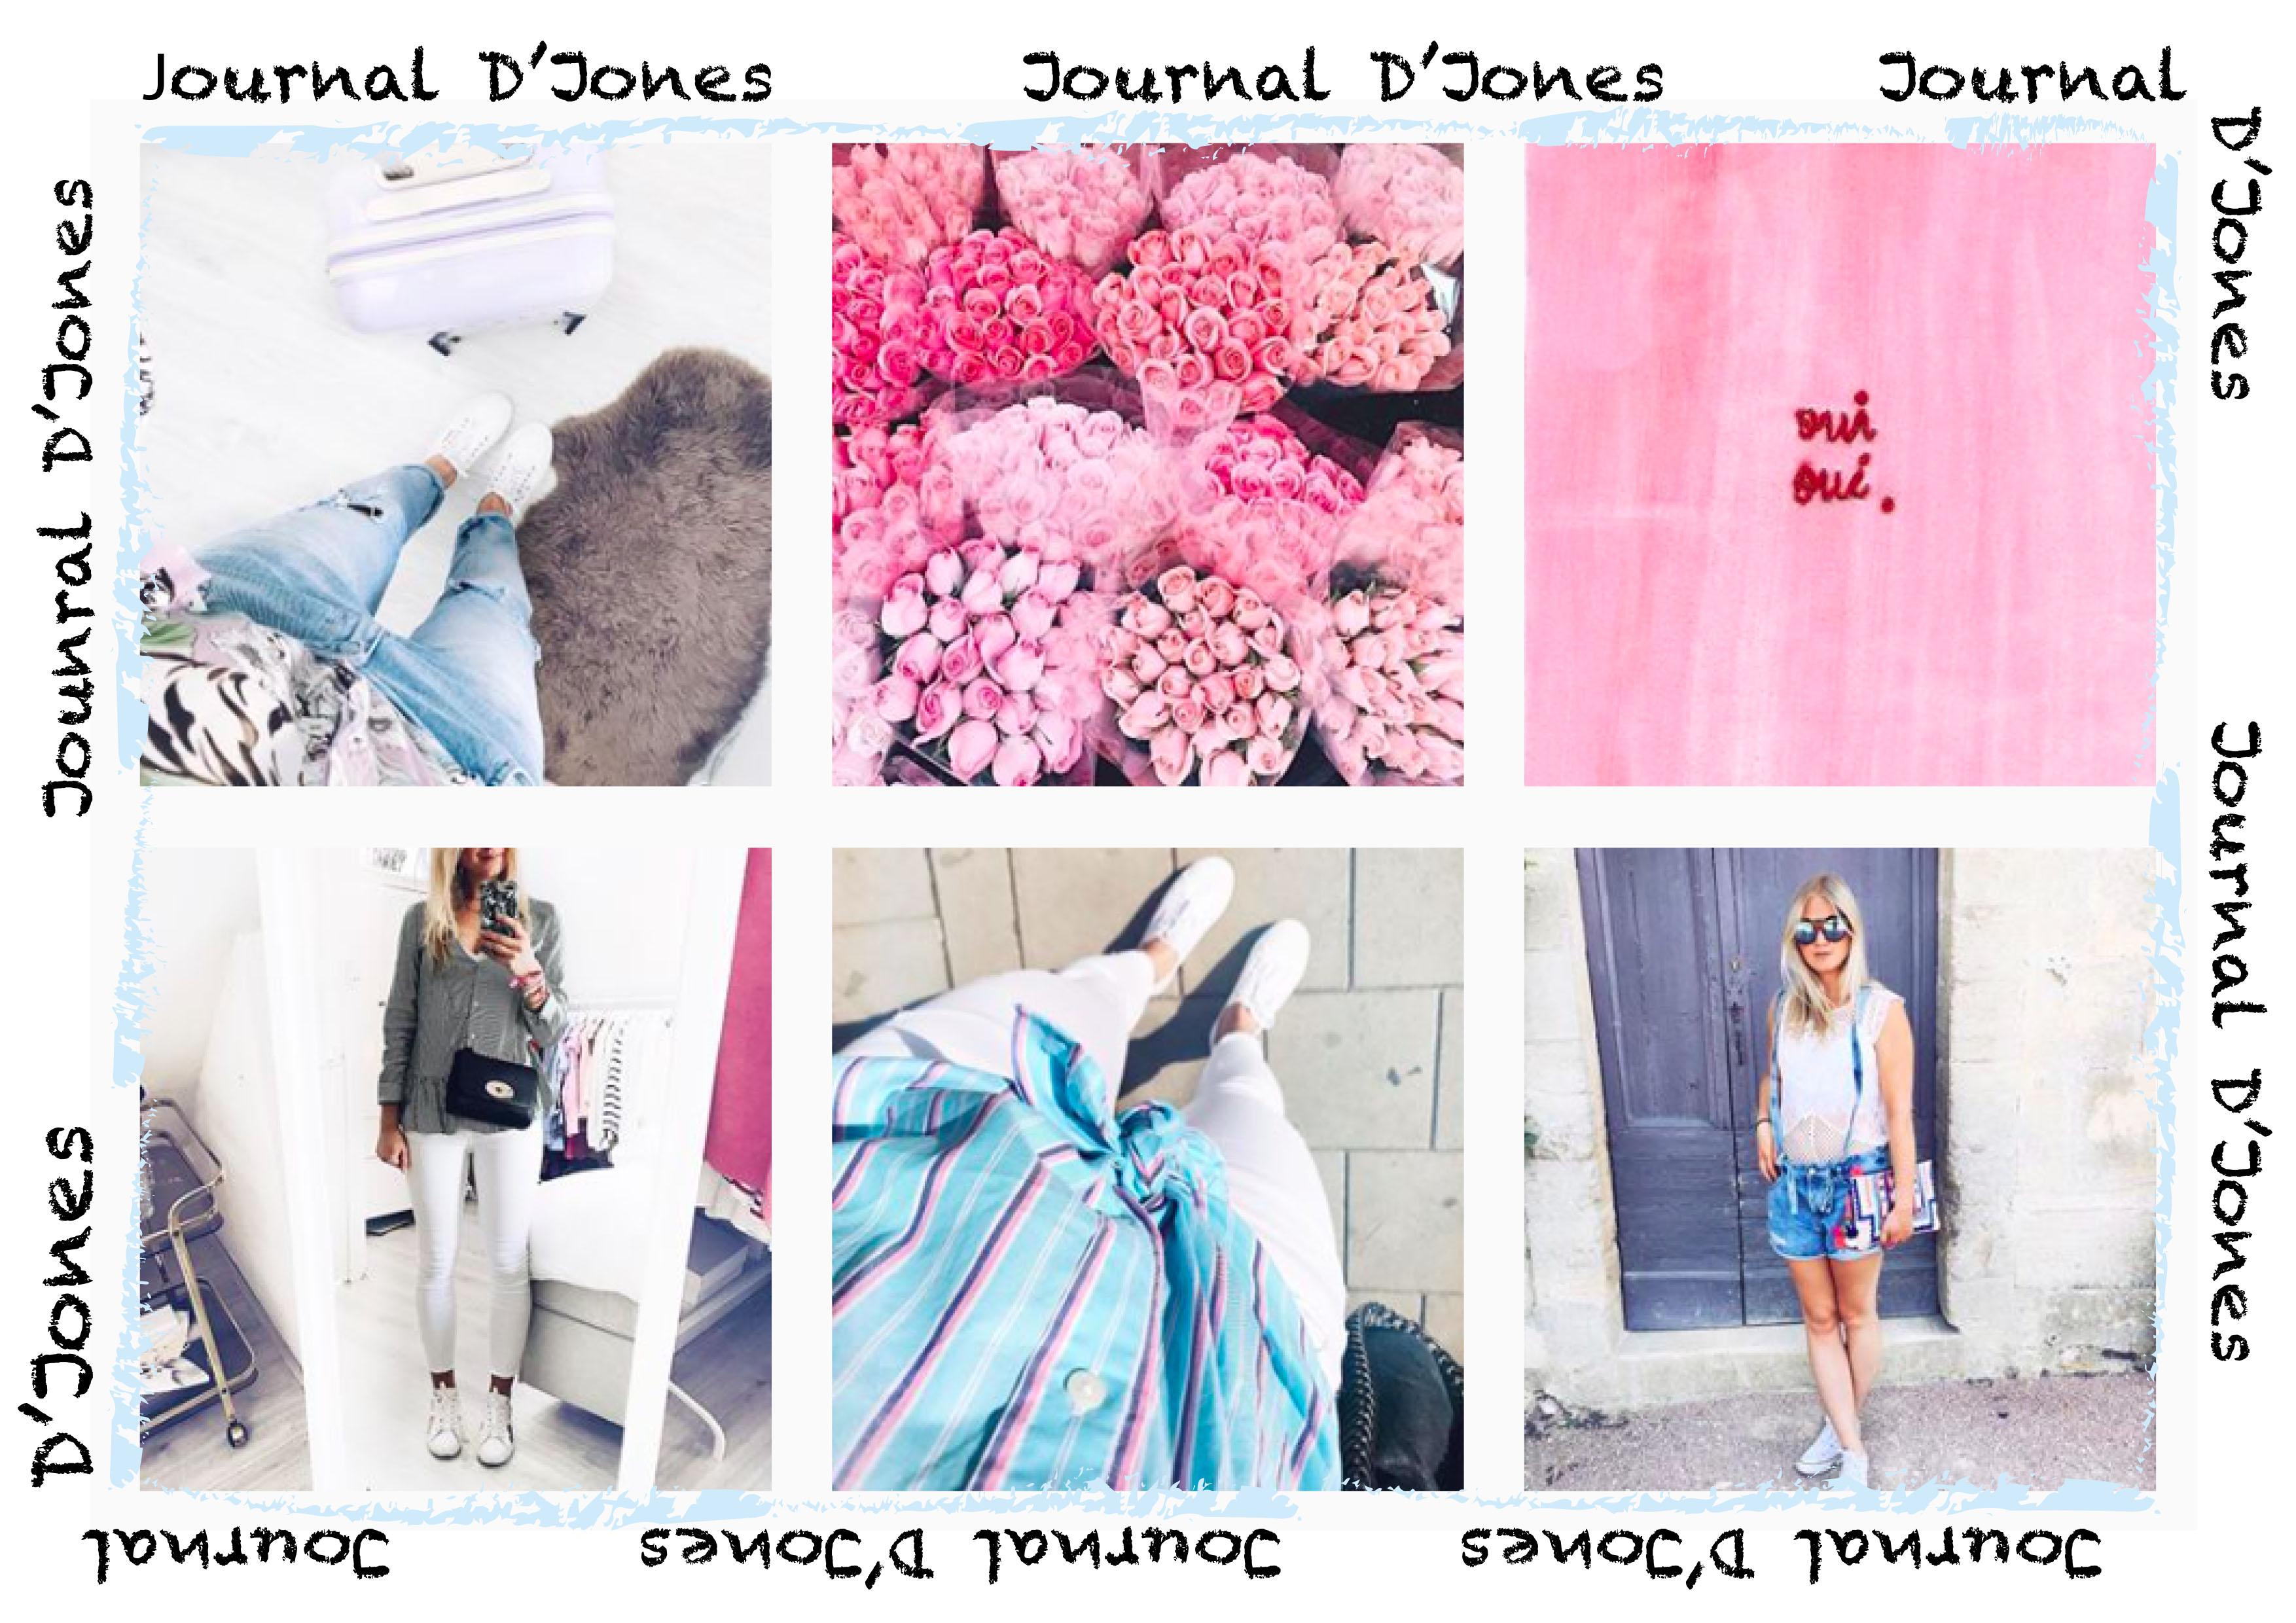 Follow Friday: Journal D'Jones